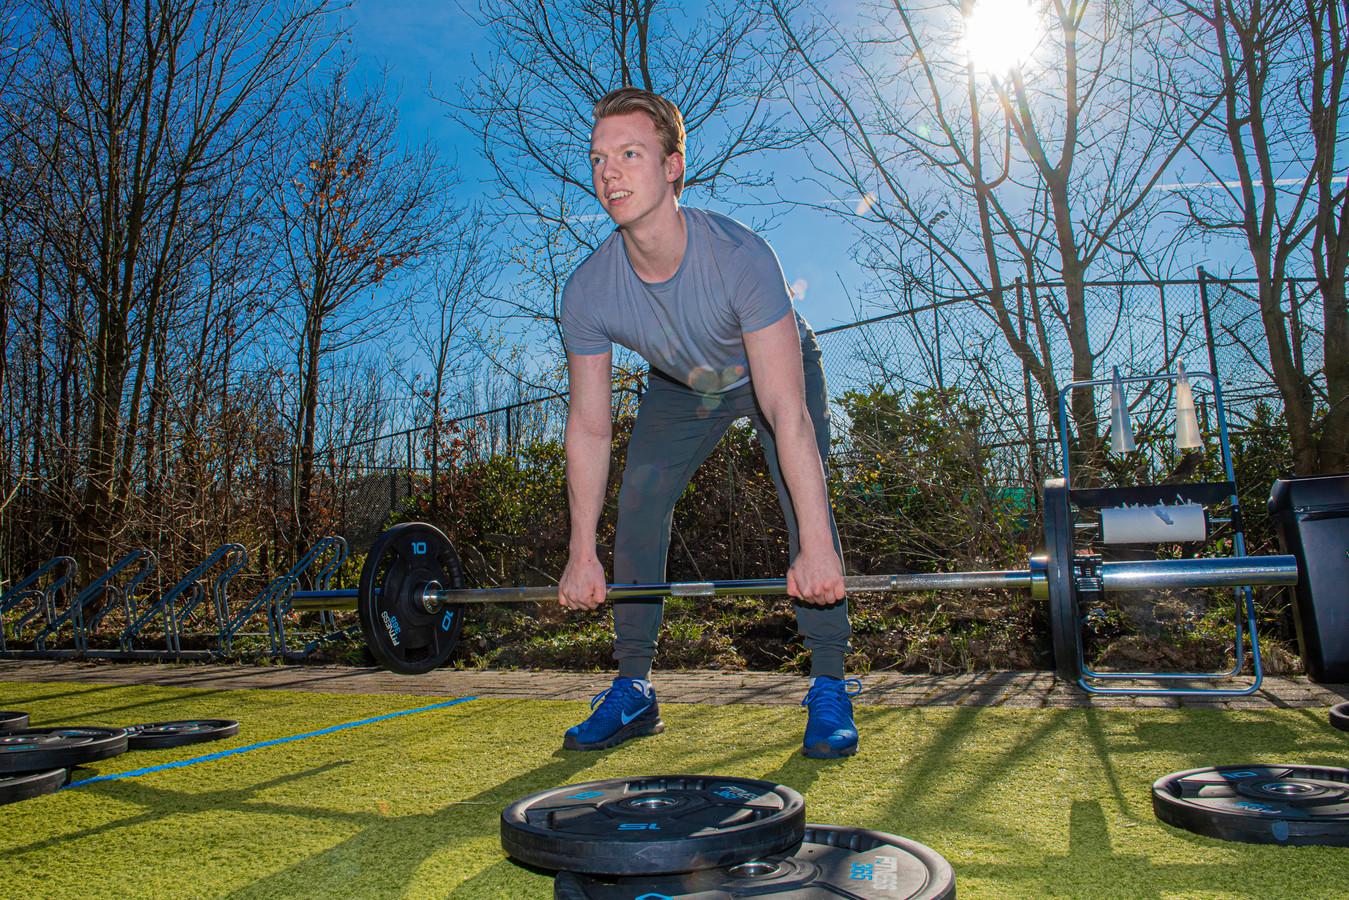 In februari voerde Fitness 365 in Hooglanderveen nog actie om te pleiten voor versoepelingen. De halters en buikspierbankjes werden naar buiten gehaald om op 1,5 meter te trainen.